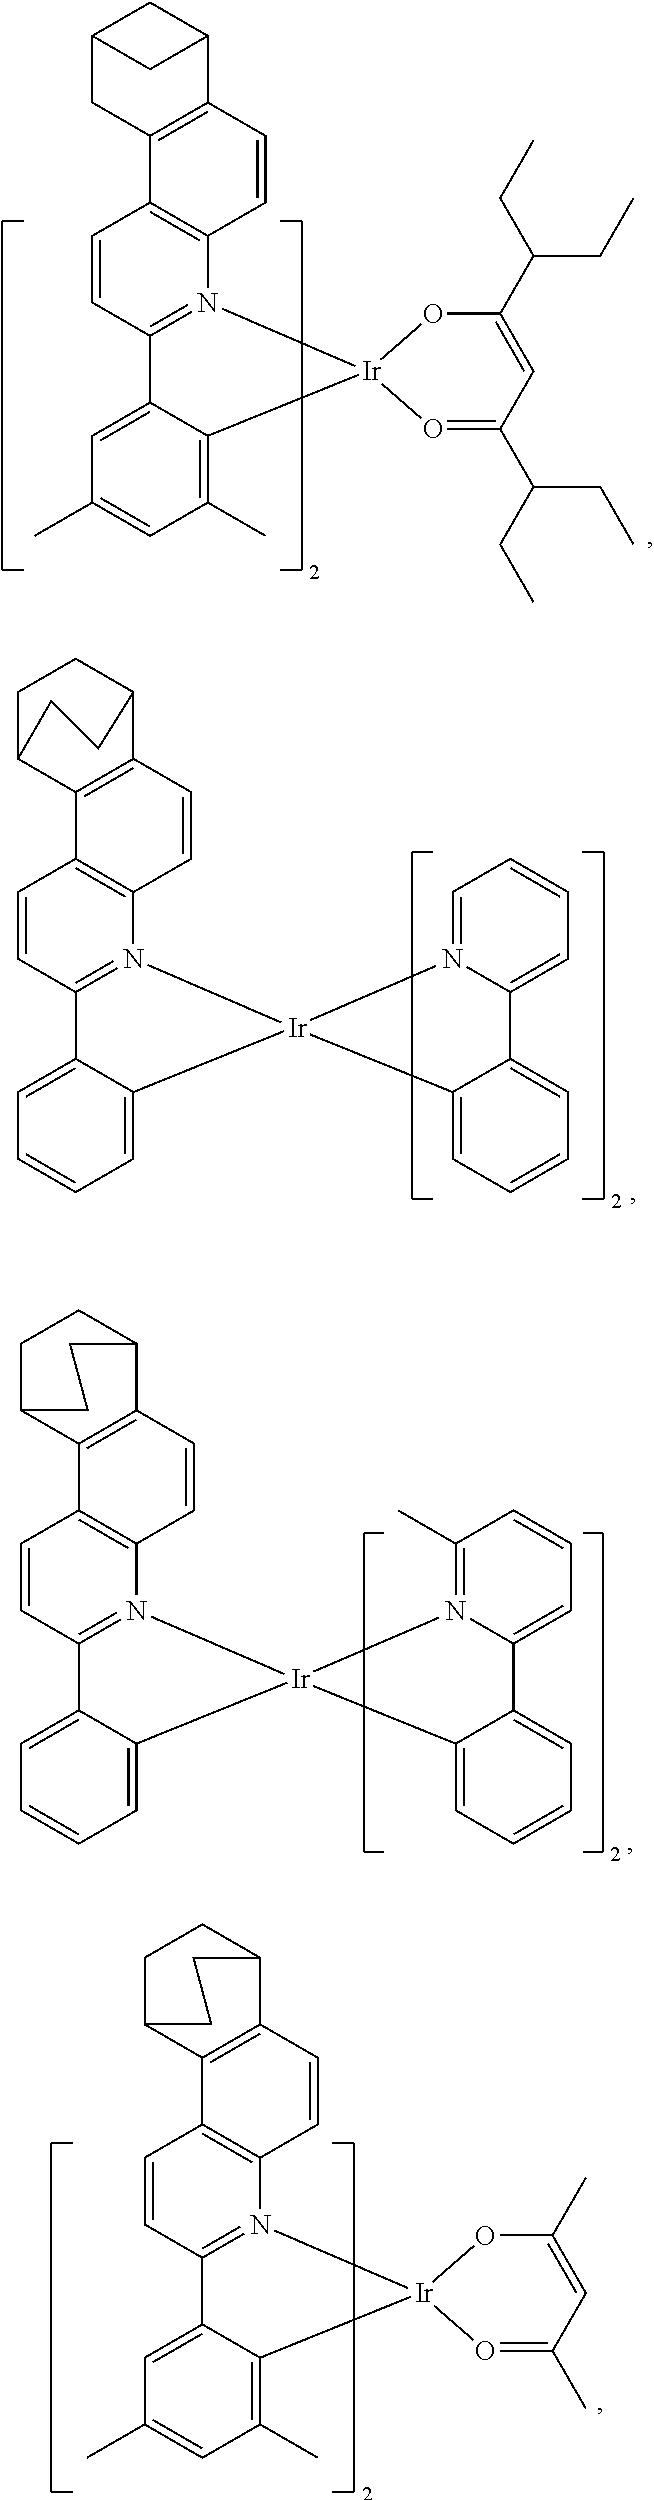 Figure US09691993-20170627-C00060